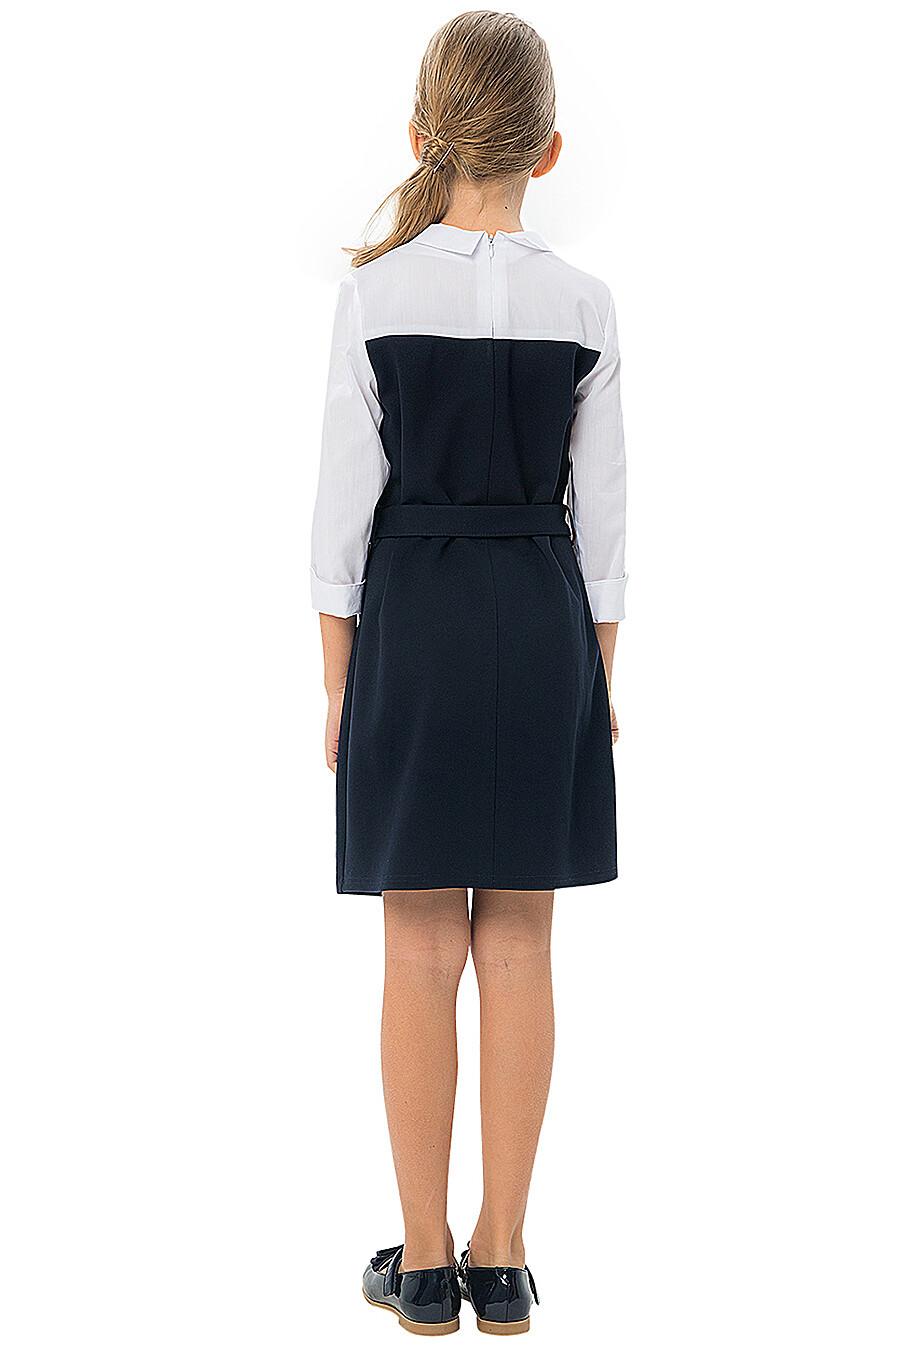 Платье КАРАМЕЛЛИ (683294), купить в Moyo.moda